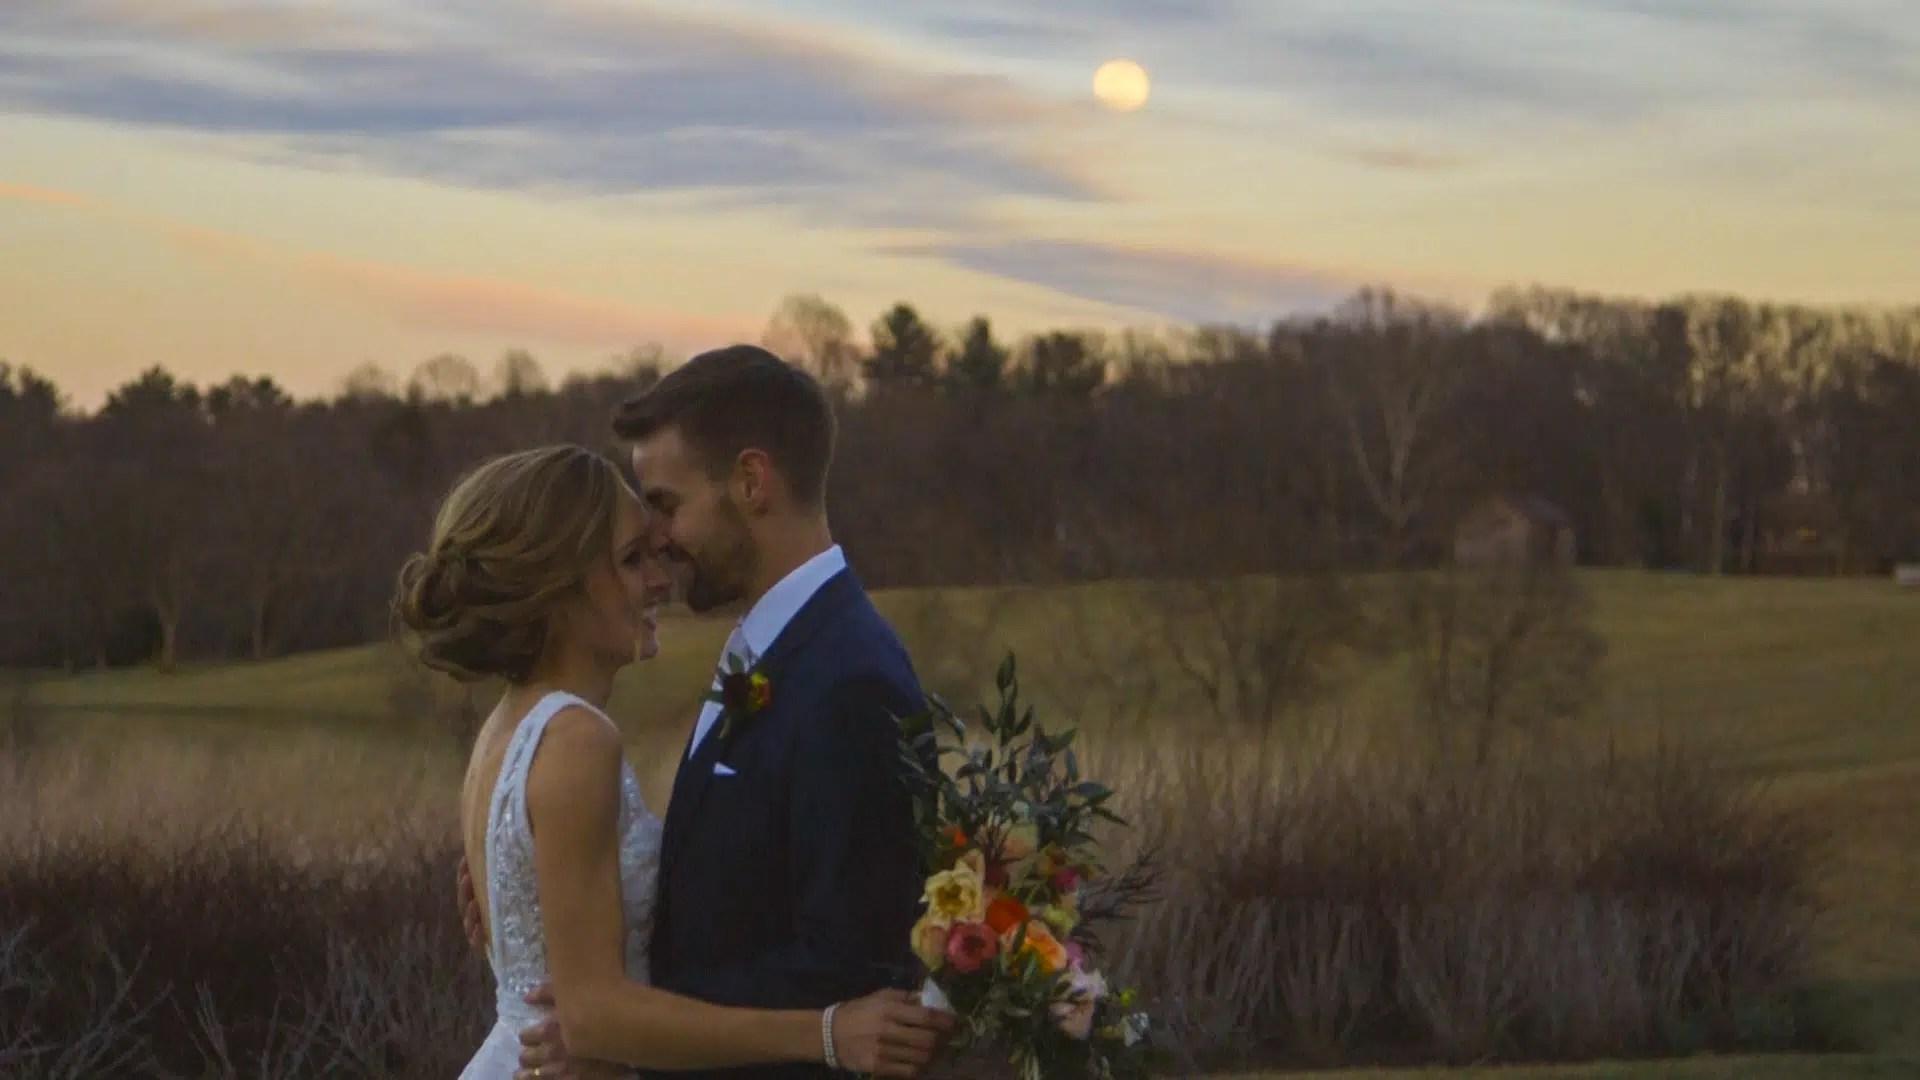 Ben & Dominique Wedding at Early Mountain Vineyard, Virginia